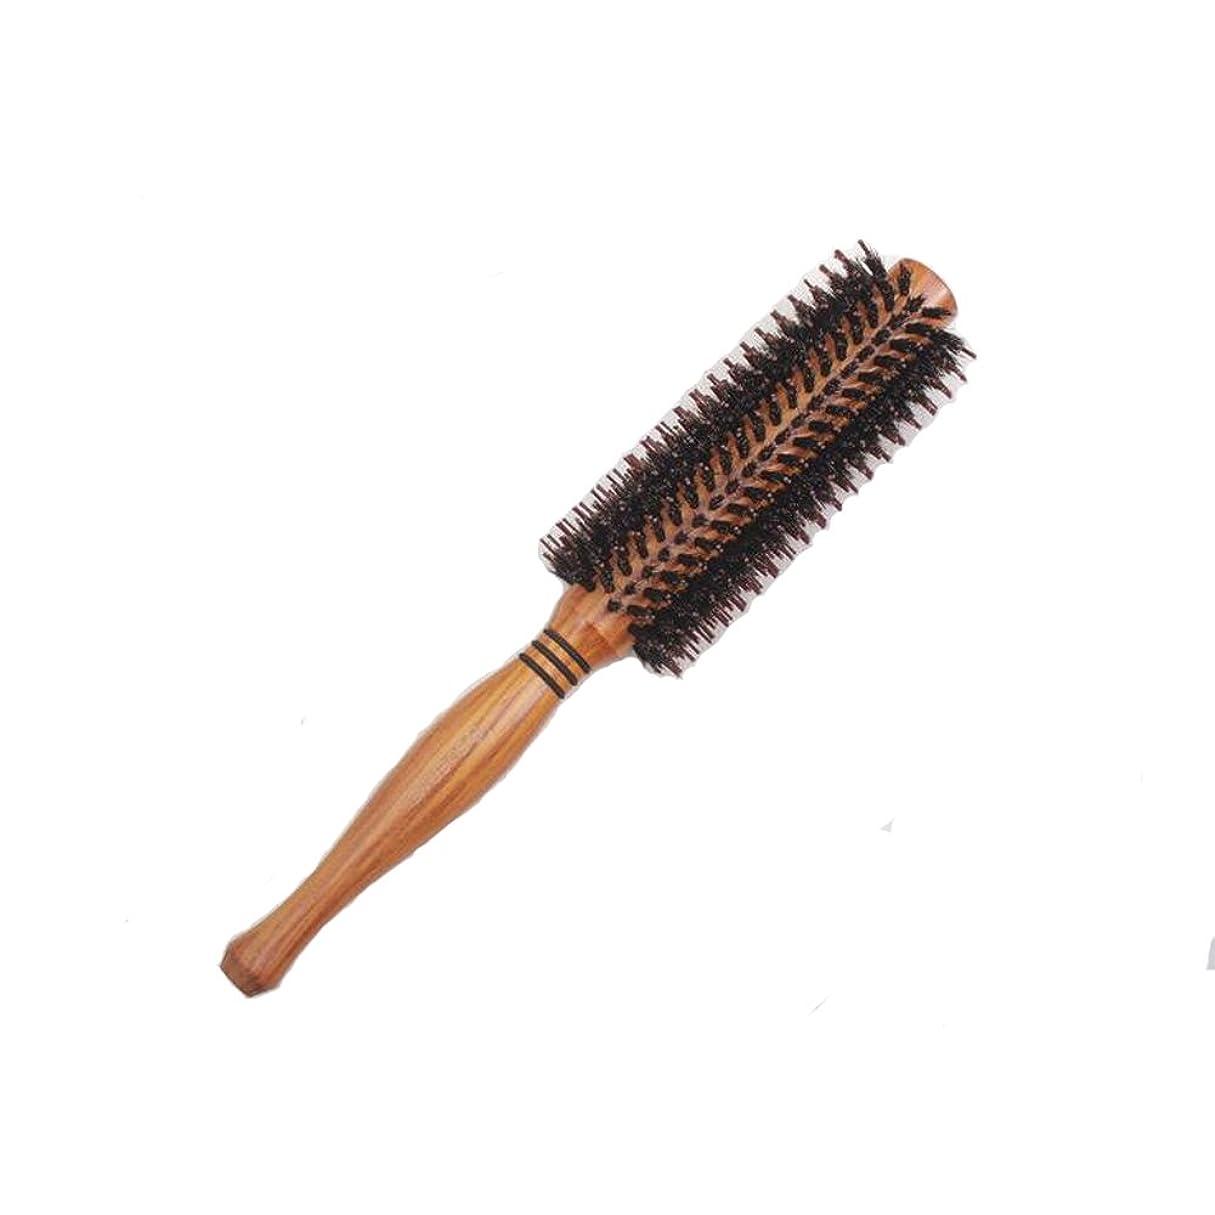 としてスイッチ腐食する天然ロールブラシ 豚毛 耐熱仕様 ブロー カール 巻き髪 ヘア ブラシ ロール